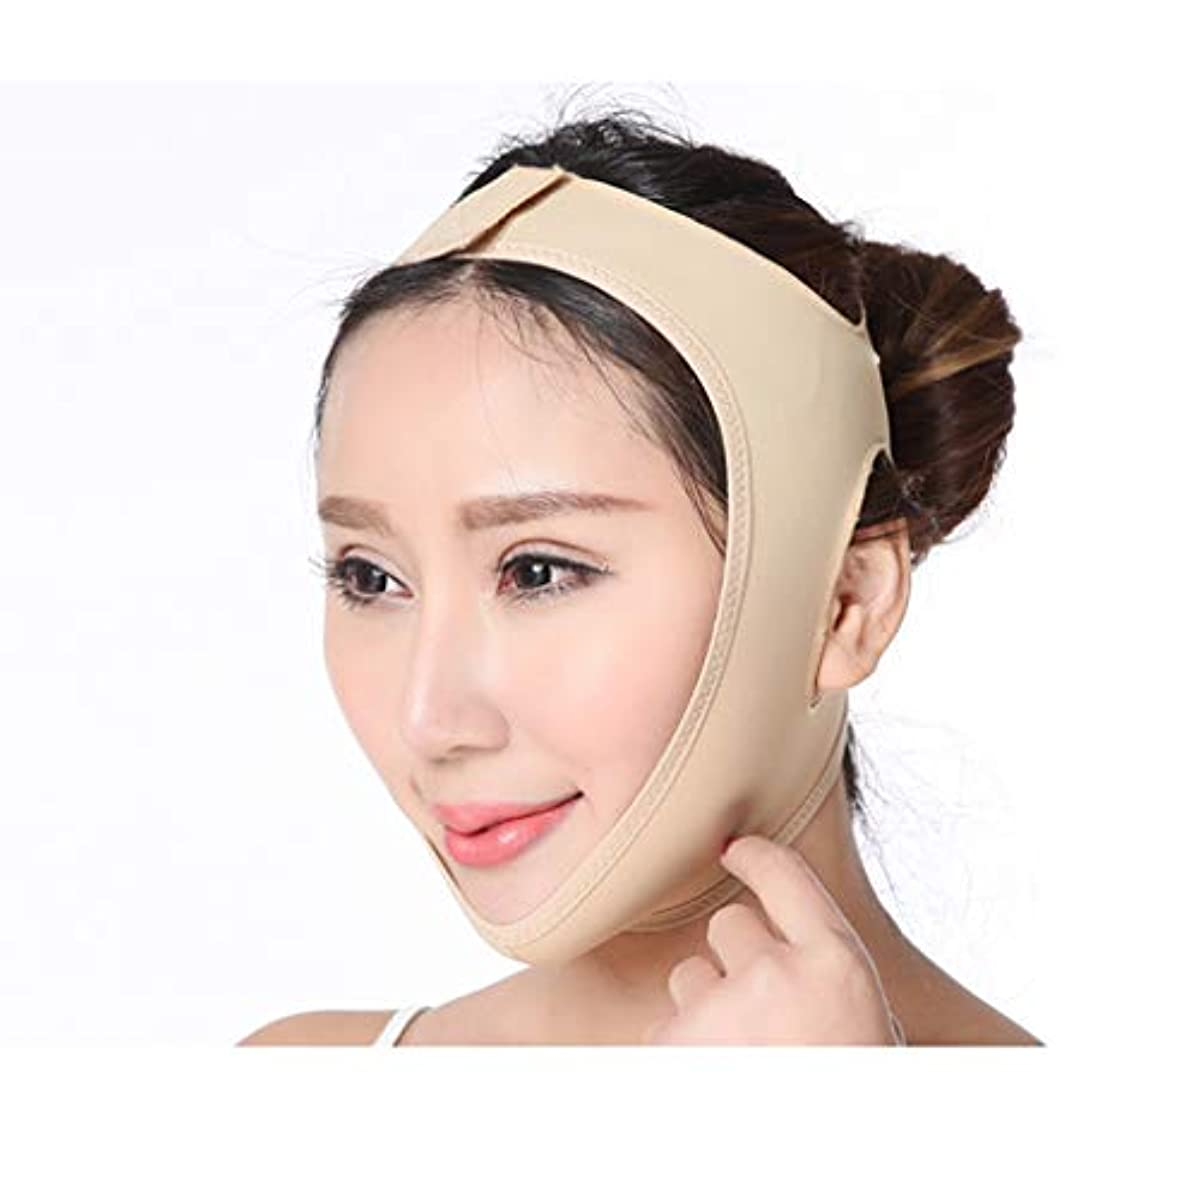 スリチンモイ言語危険な顔リフティング包帯 V 顔楽器顔マスク顔リフティング引き締め